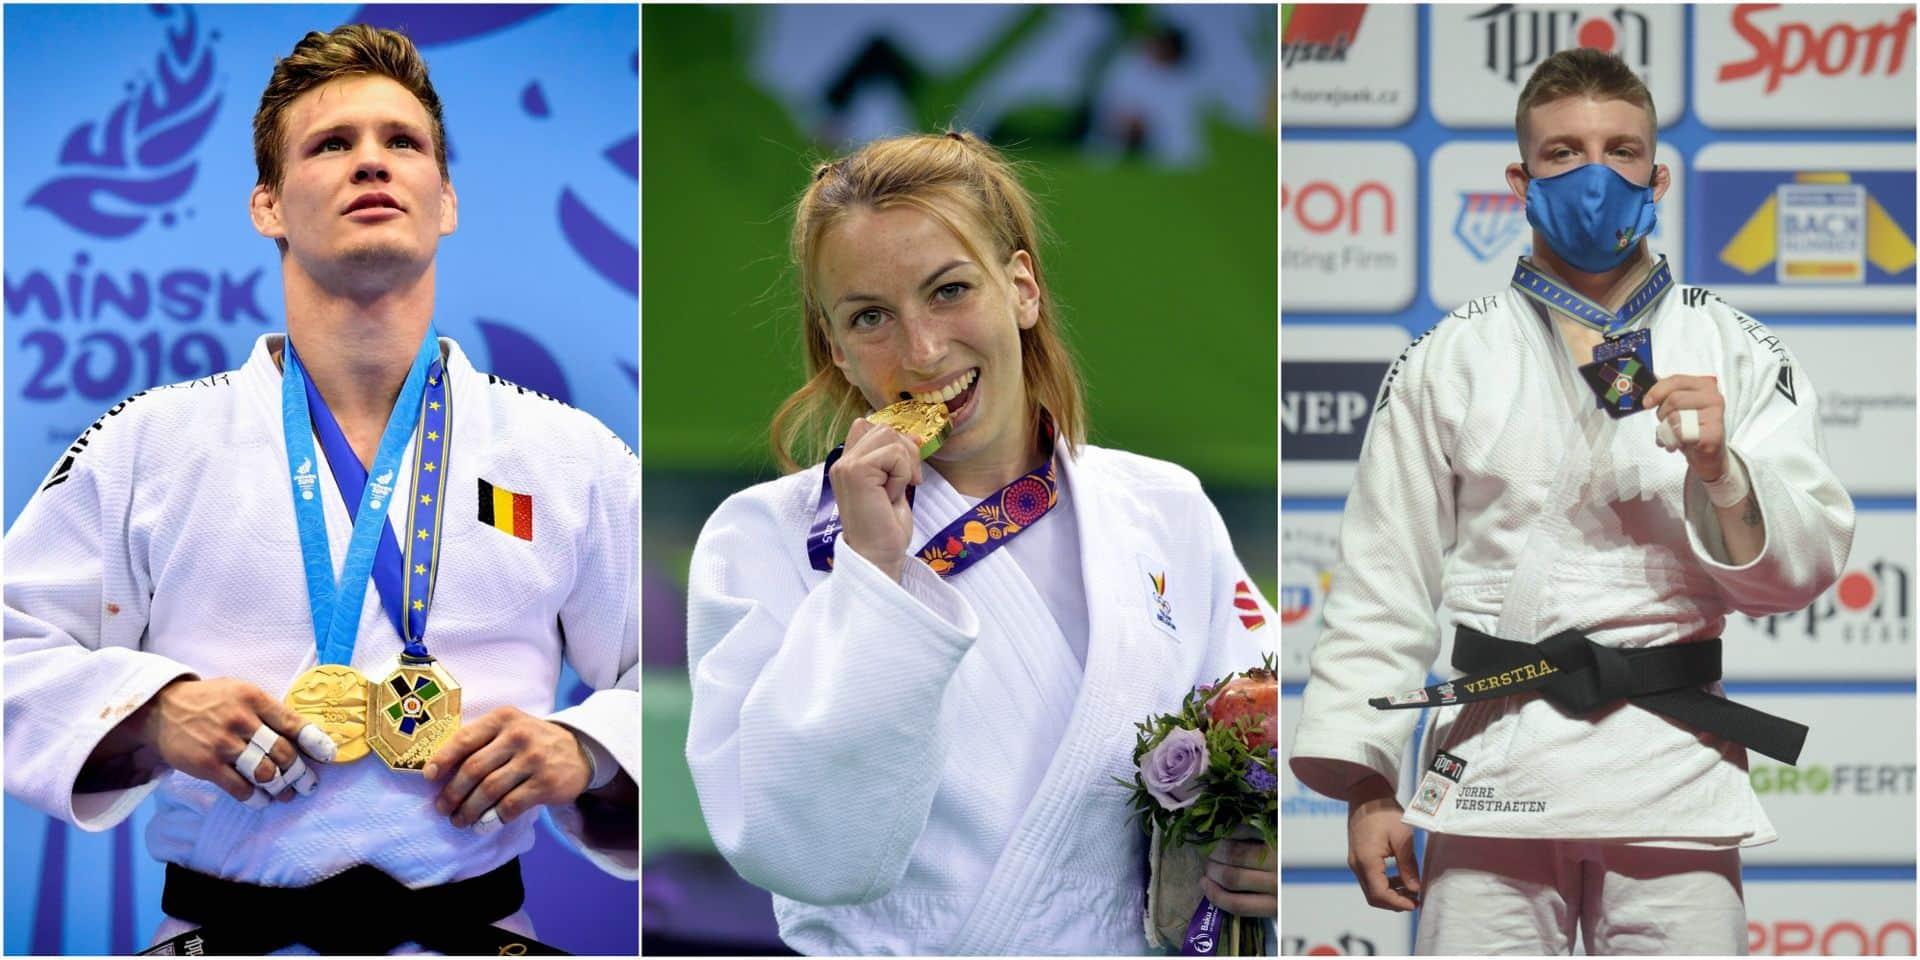 Le sujet que vous avez choisi : quelle ambition pour les judokas belges aux Jeux de Tokyo ?